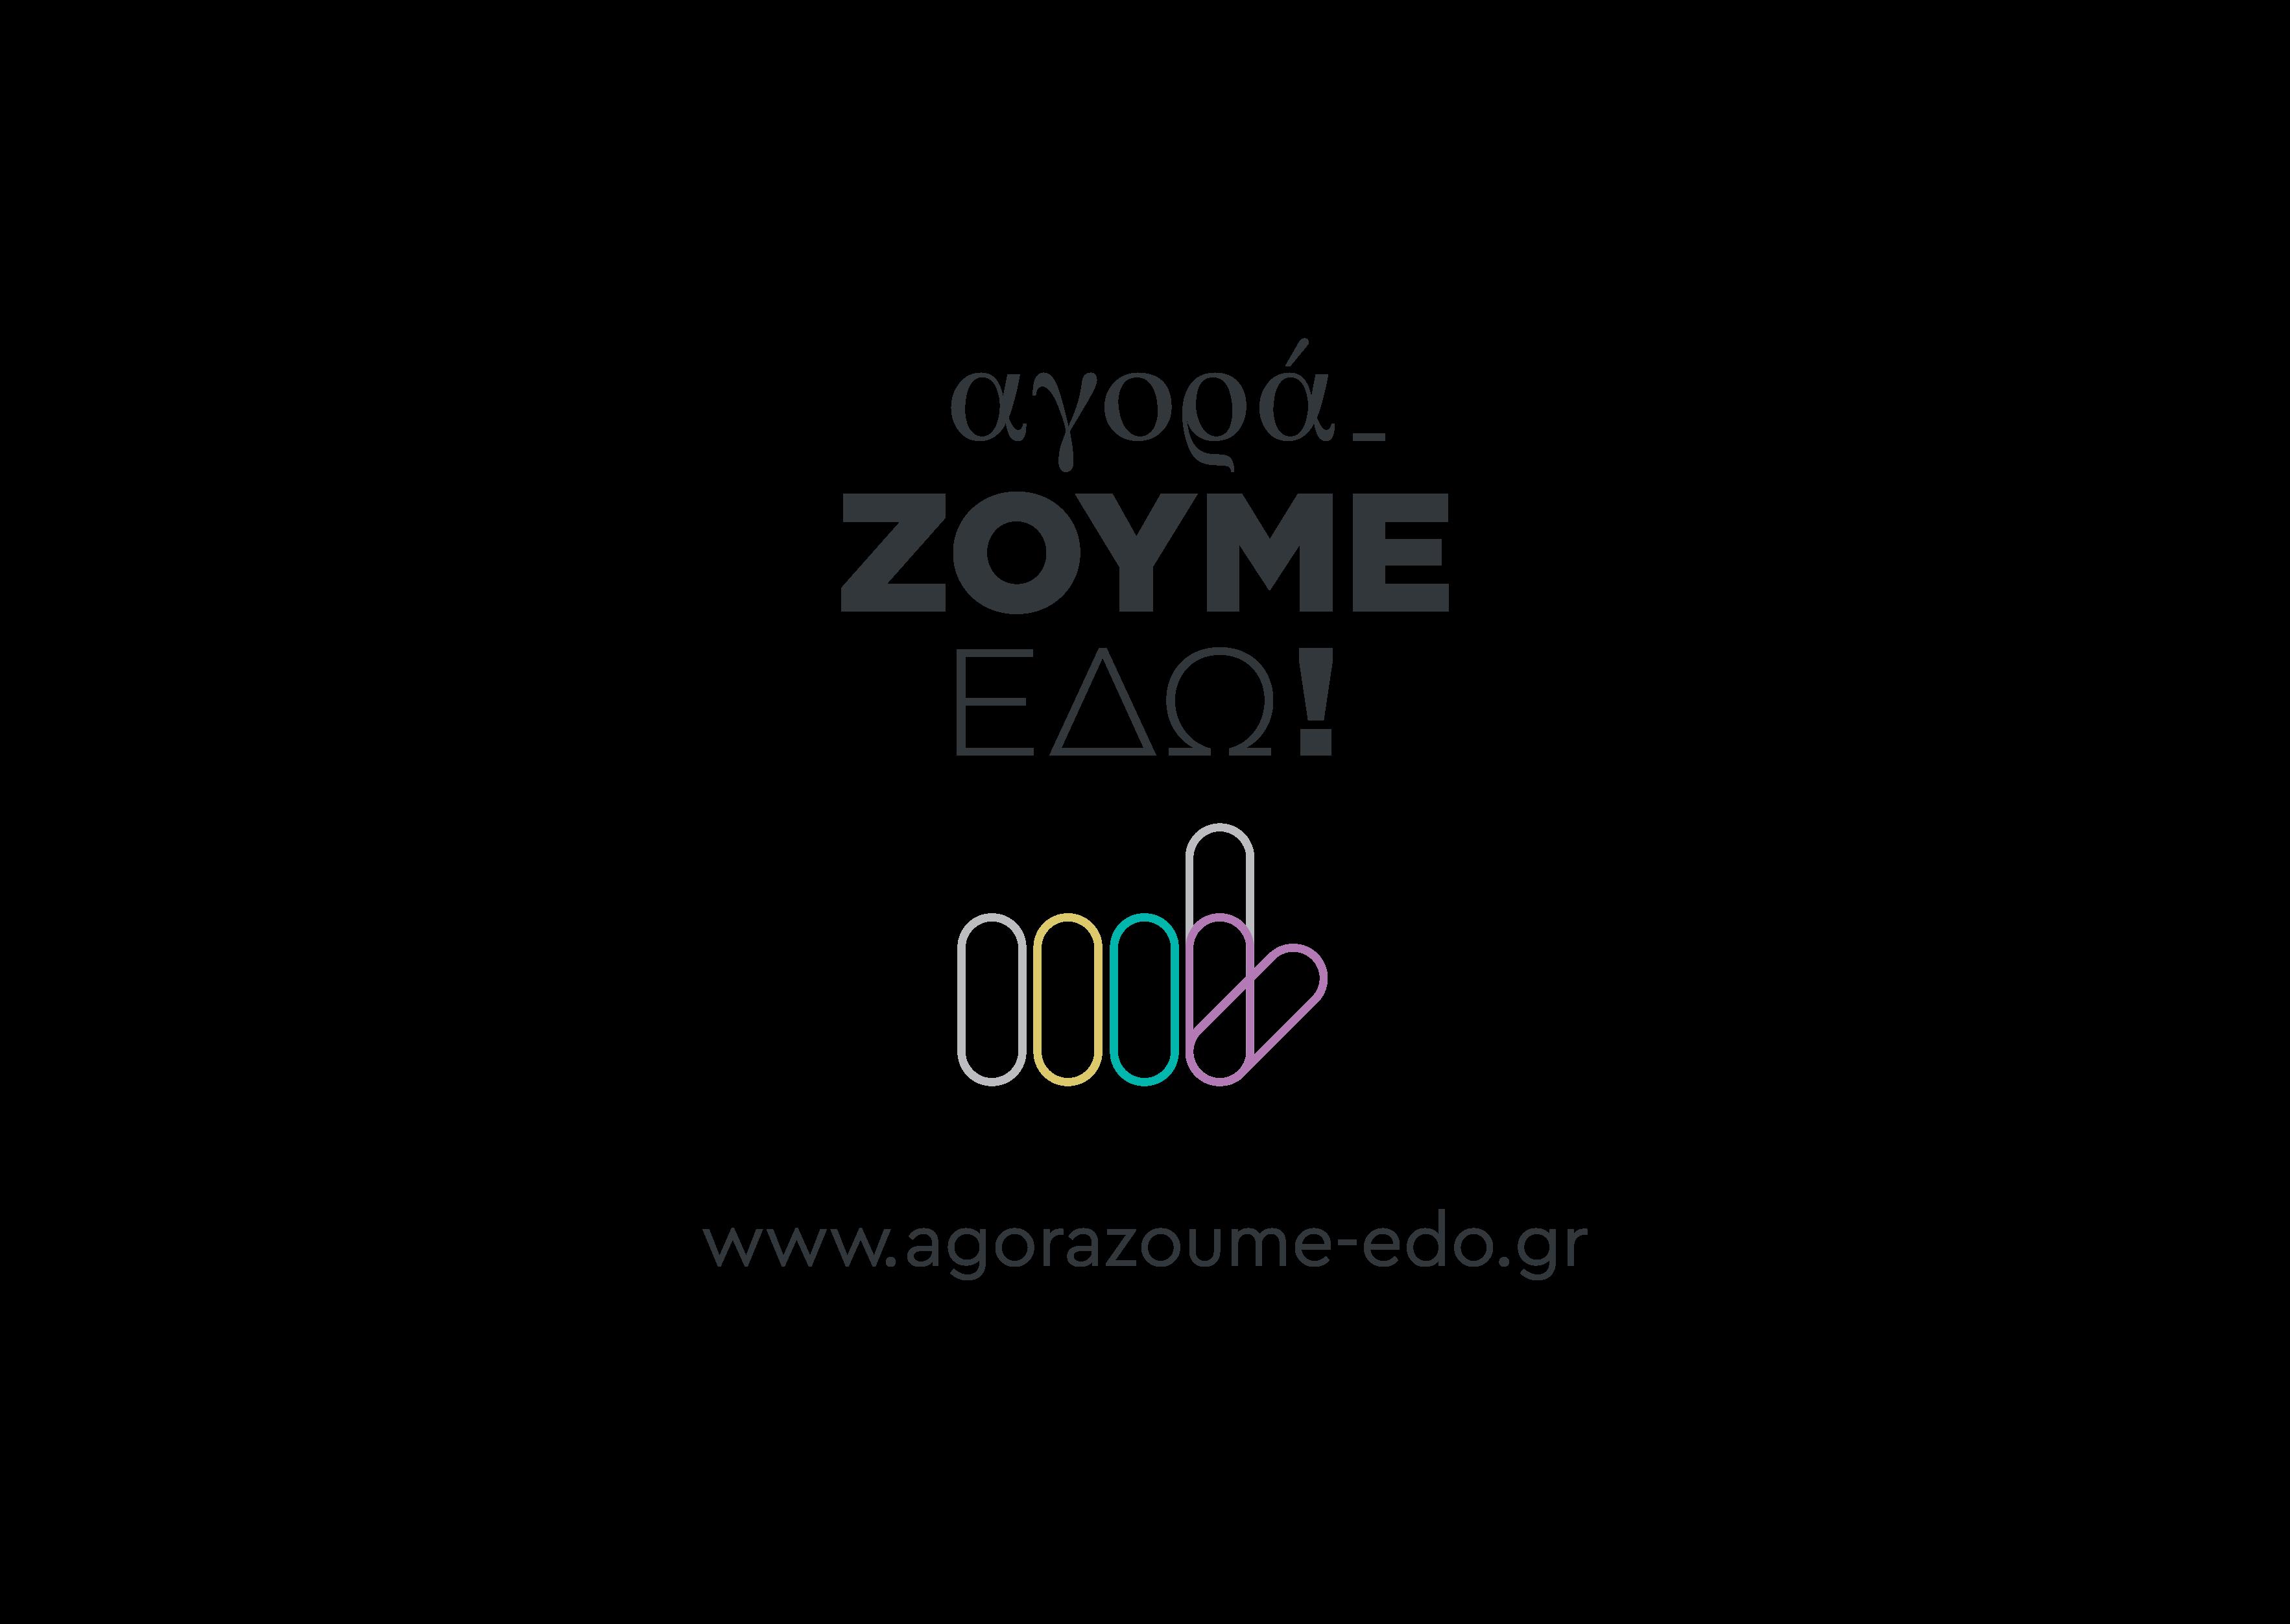 ΠΔΕ: Πρωτοβουλία της Περιφέρειας Δυτ. Ελλάδας  και των Επιμελητηρίων για τη στήριξη των τοπικών επιχειρήσεων, «ΑγοράΖΟΥΜΕ-ΕΔΩ!»